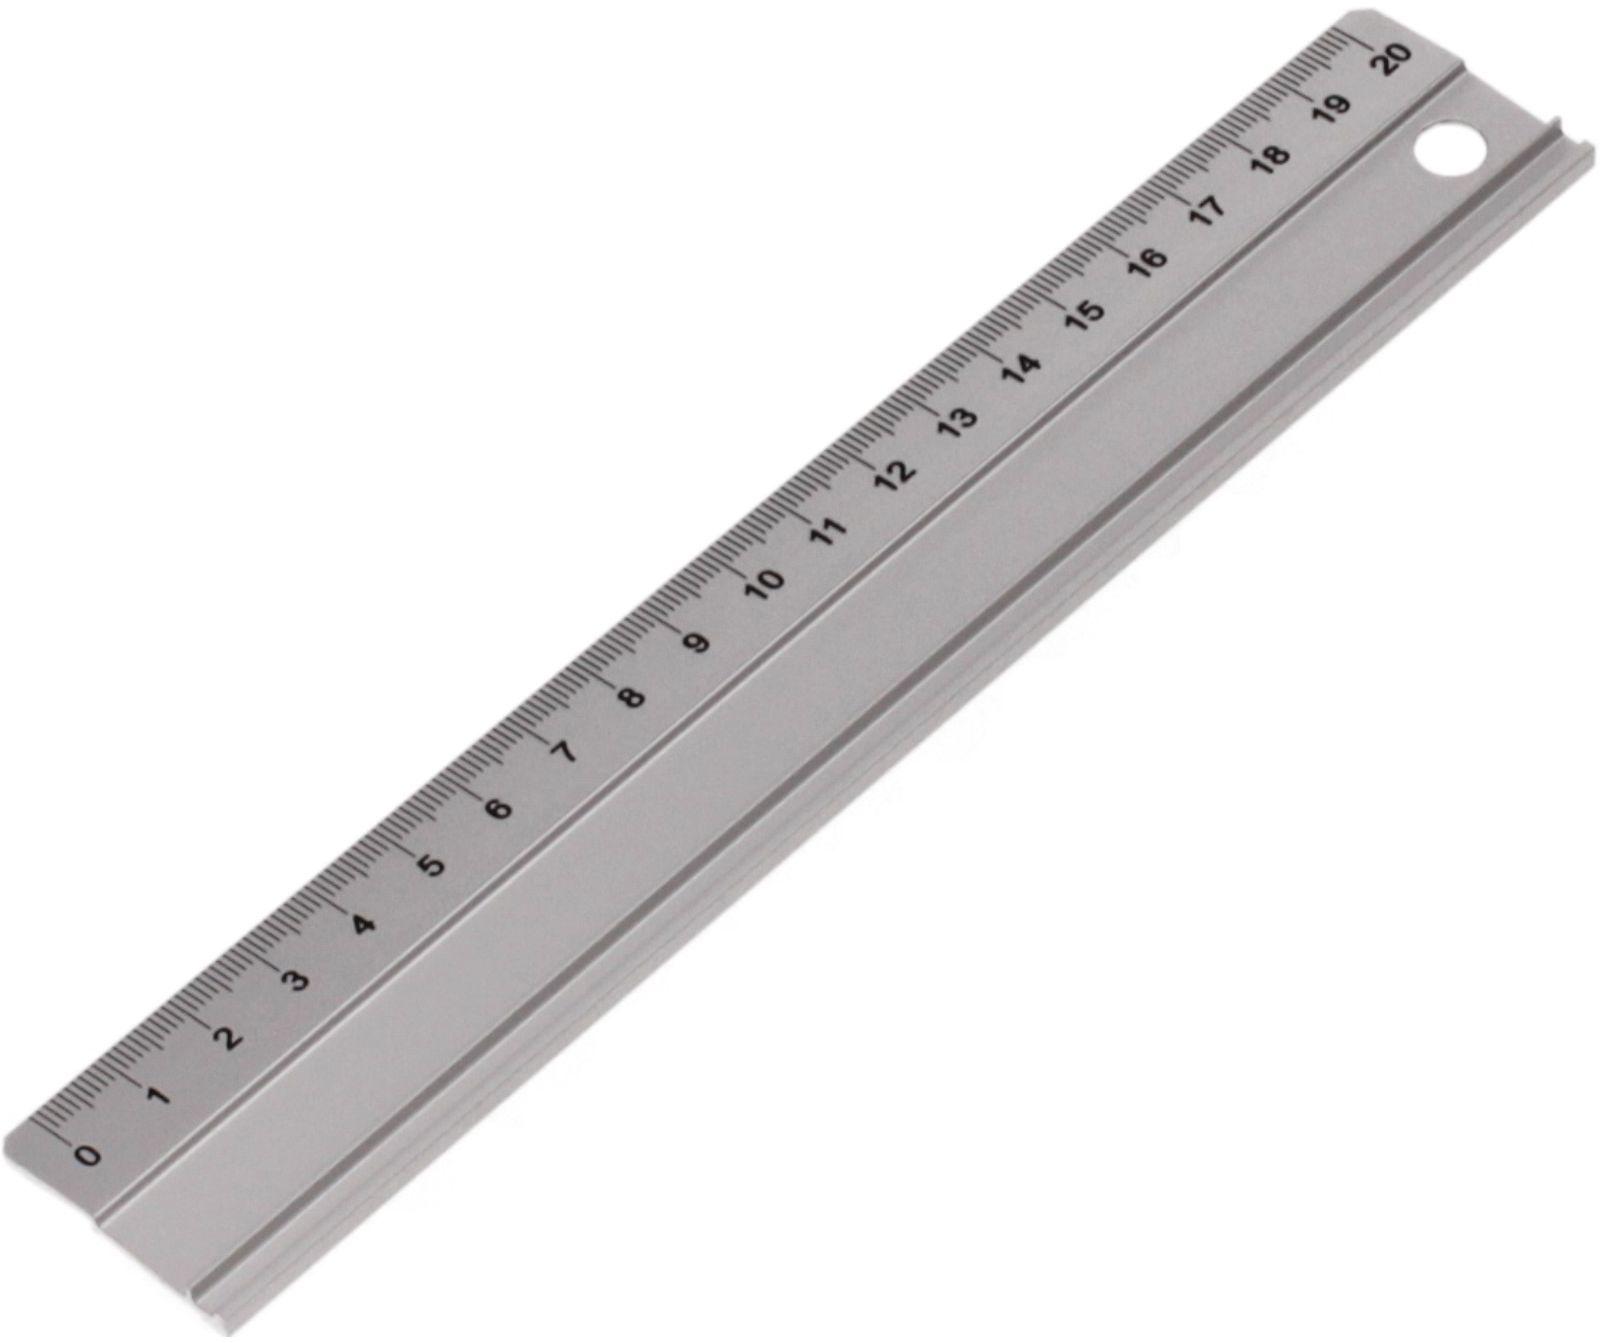 Linijka 20cm aluminium Leniar 30360